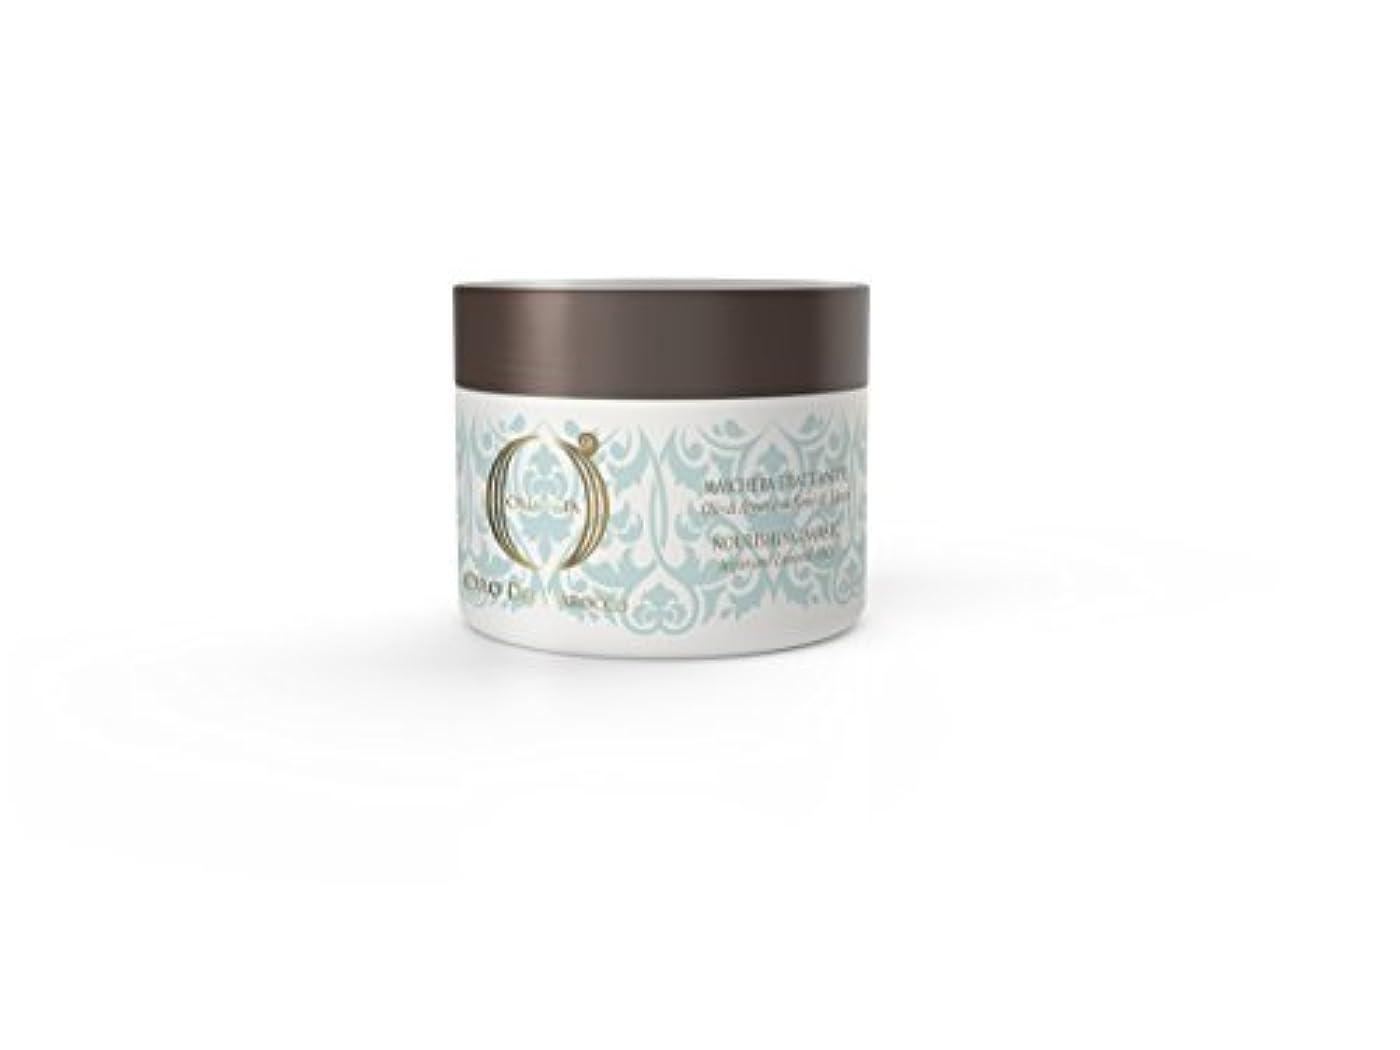 集める虫鉛オリオセタ モイスチャー マスク 250ml (ヘアマスク/パック)